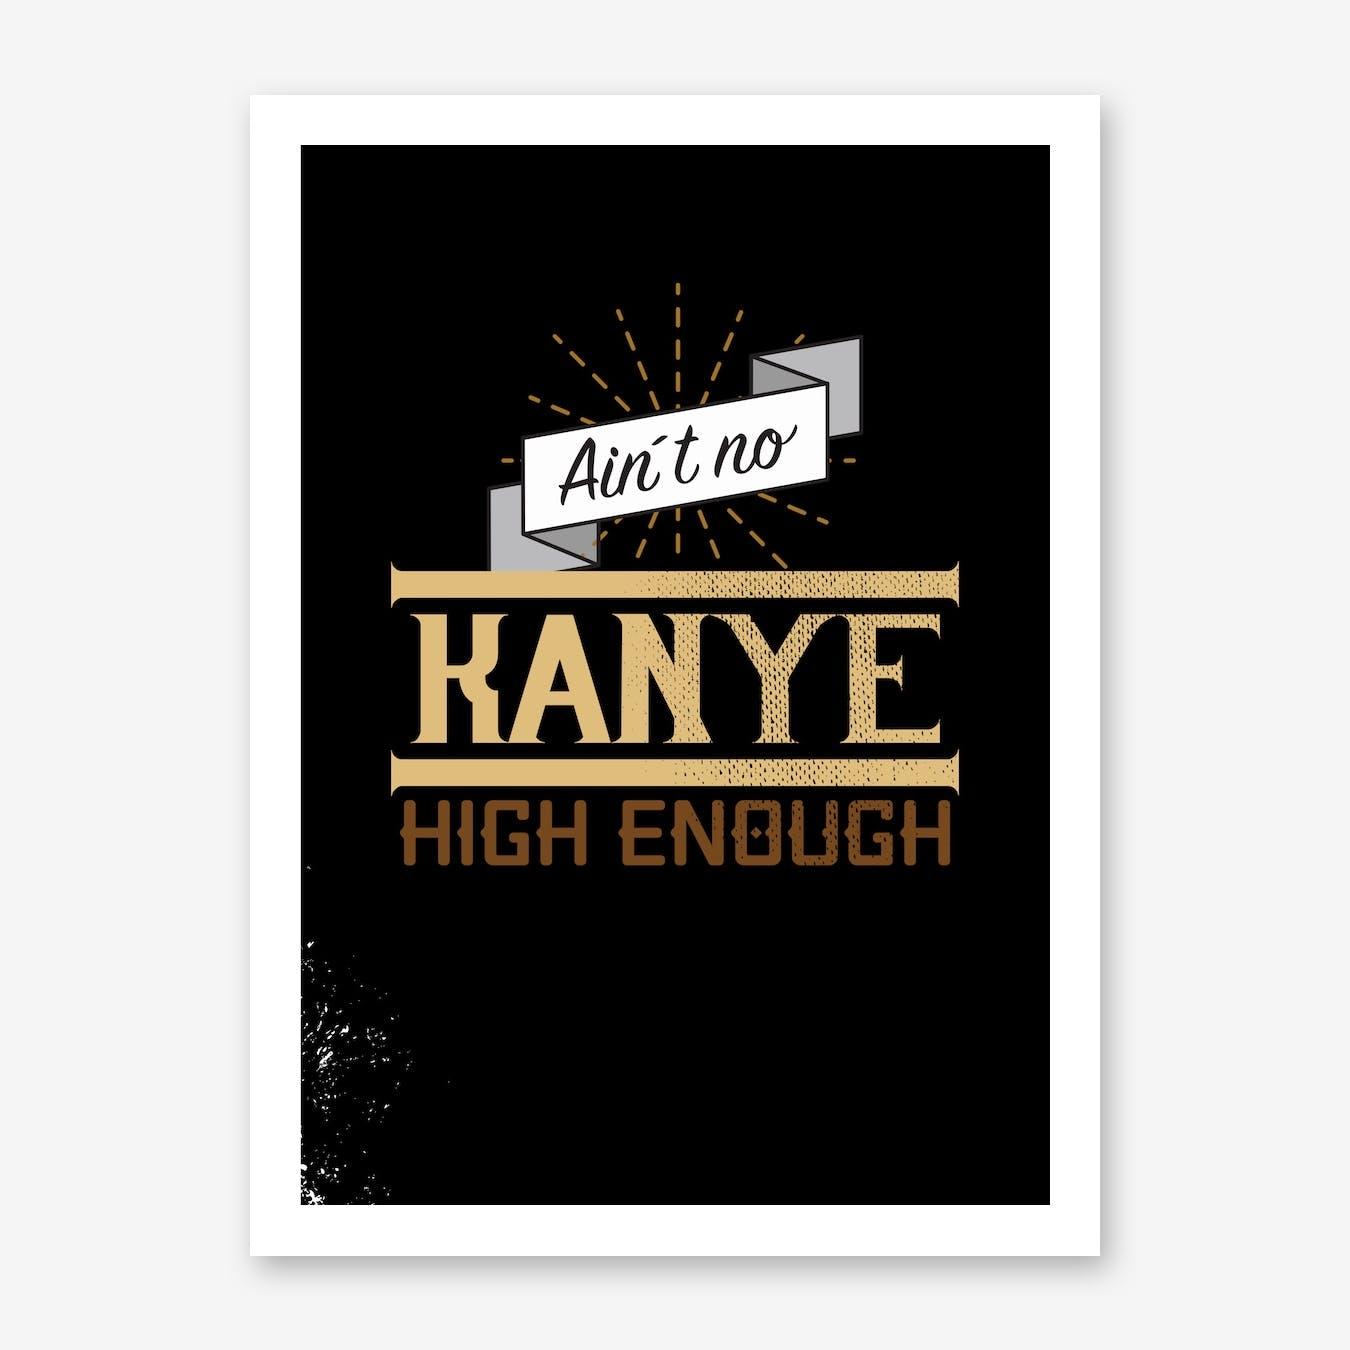 High Kanye